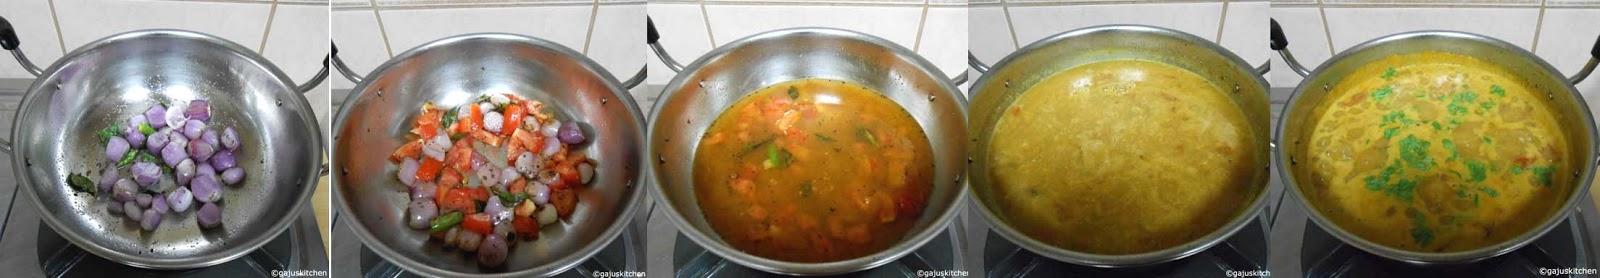 Sambar preparation